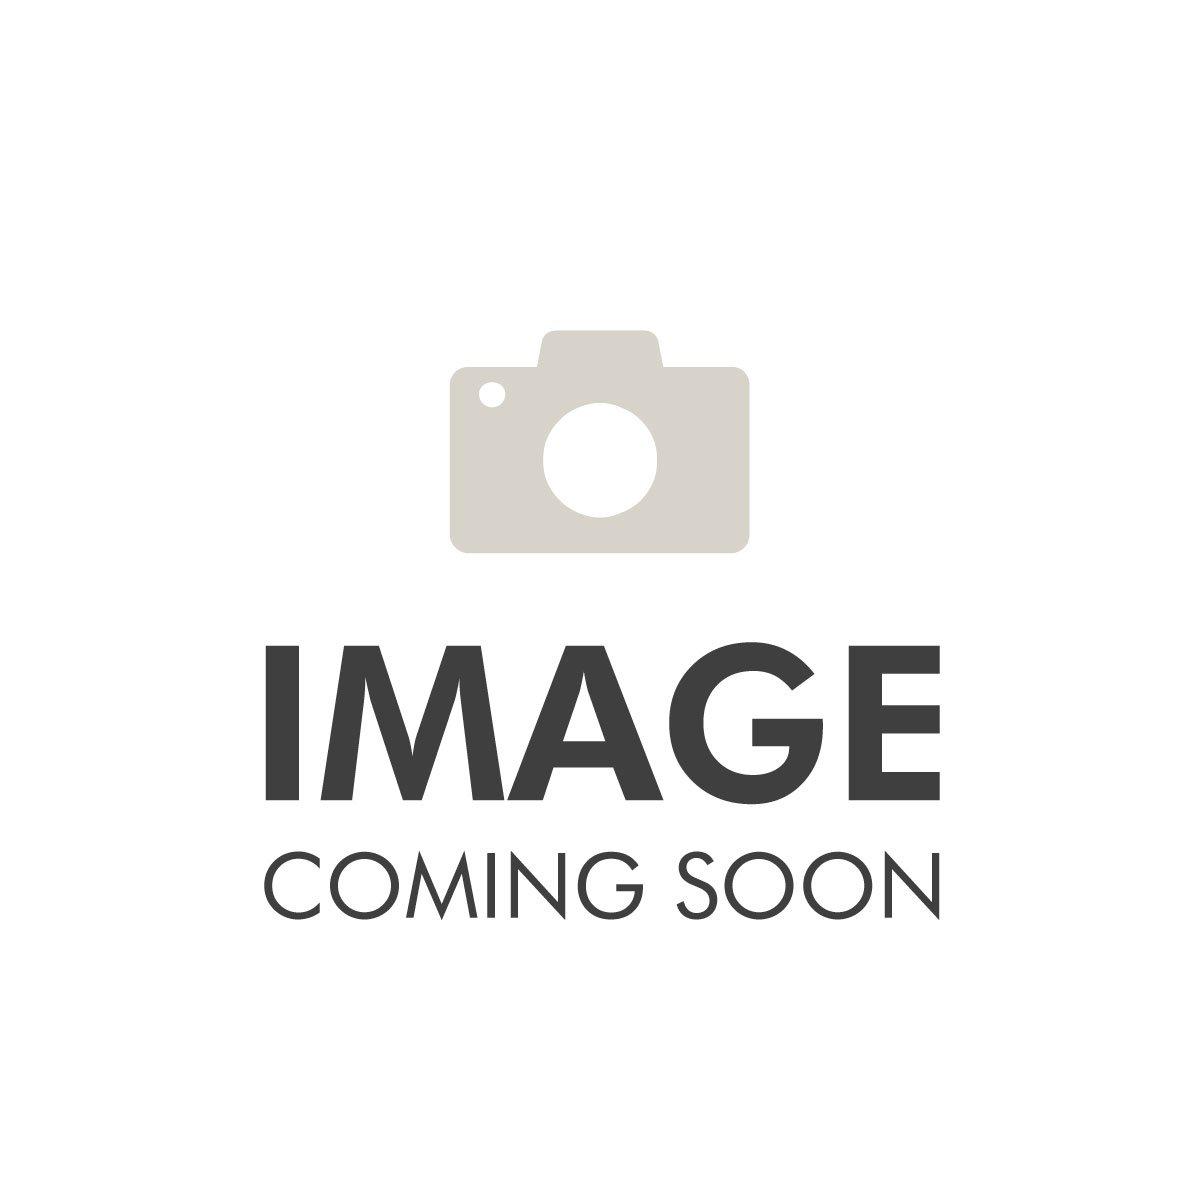 Leon Paul - Socle 4mm pour intérieur de garde - Court